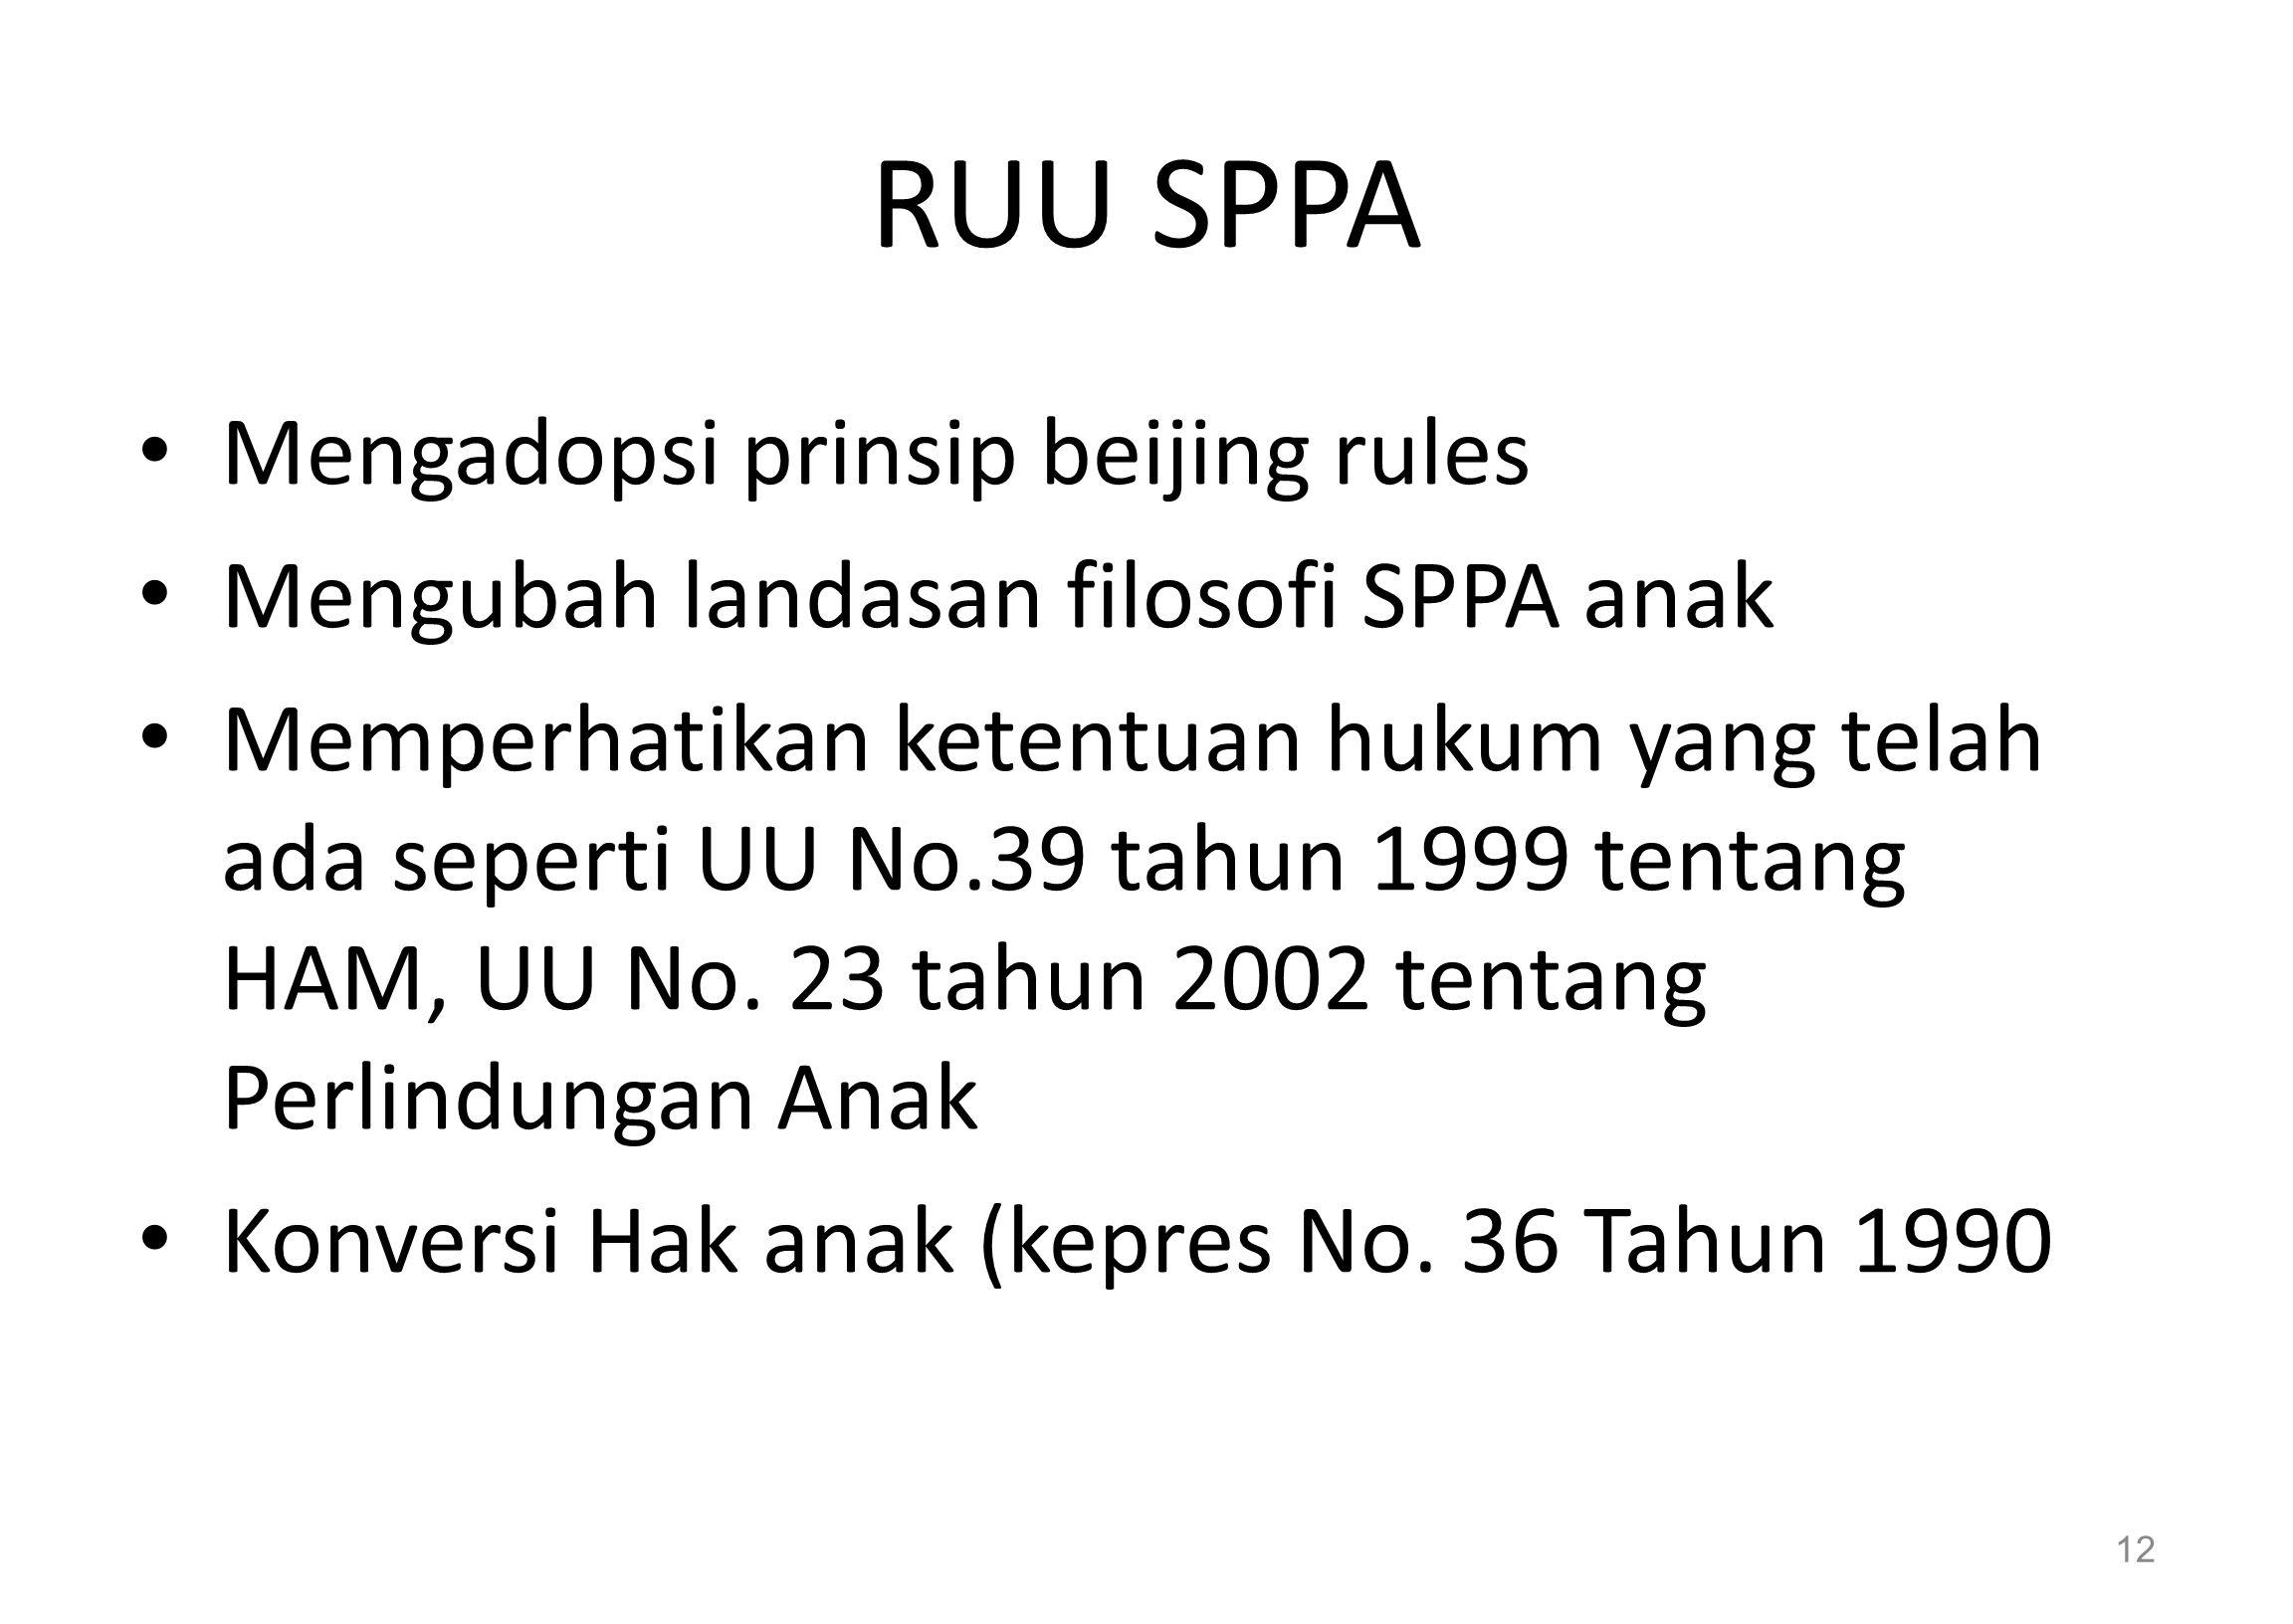 RUU SPPA Mengadopsi prinsip beijing rules Mengubah landasan filosofi SPPA anak Memperhatikan ketentuan hukum yang telah ada seperti UU No.39 tahun 1999 tentang HAM, UU No.